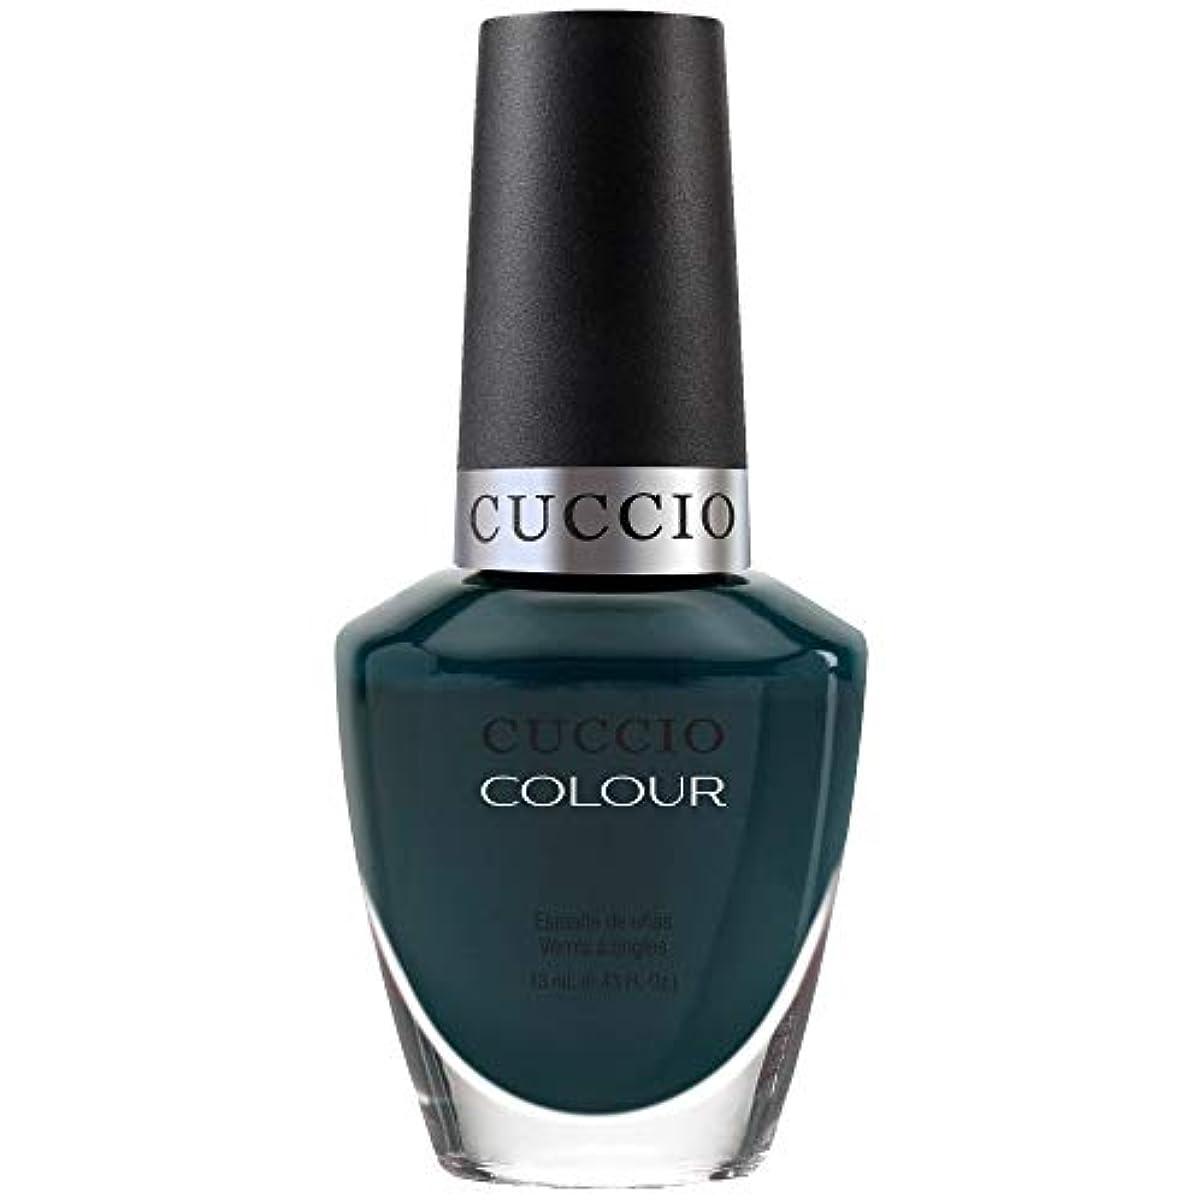 Cuccio Colour Gloss Lacquer - Prince I've Been Gone - 0.43oz / 13ml